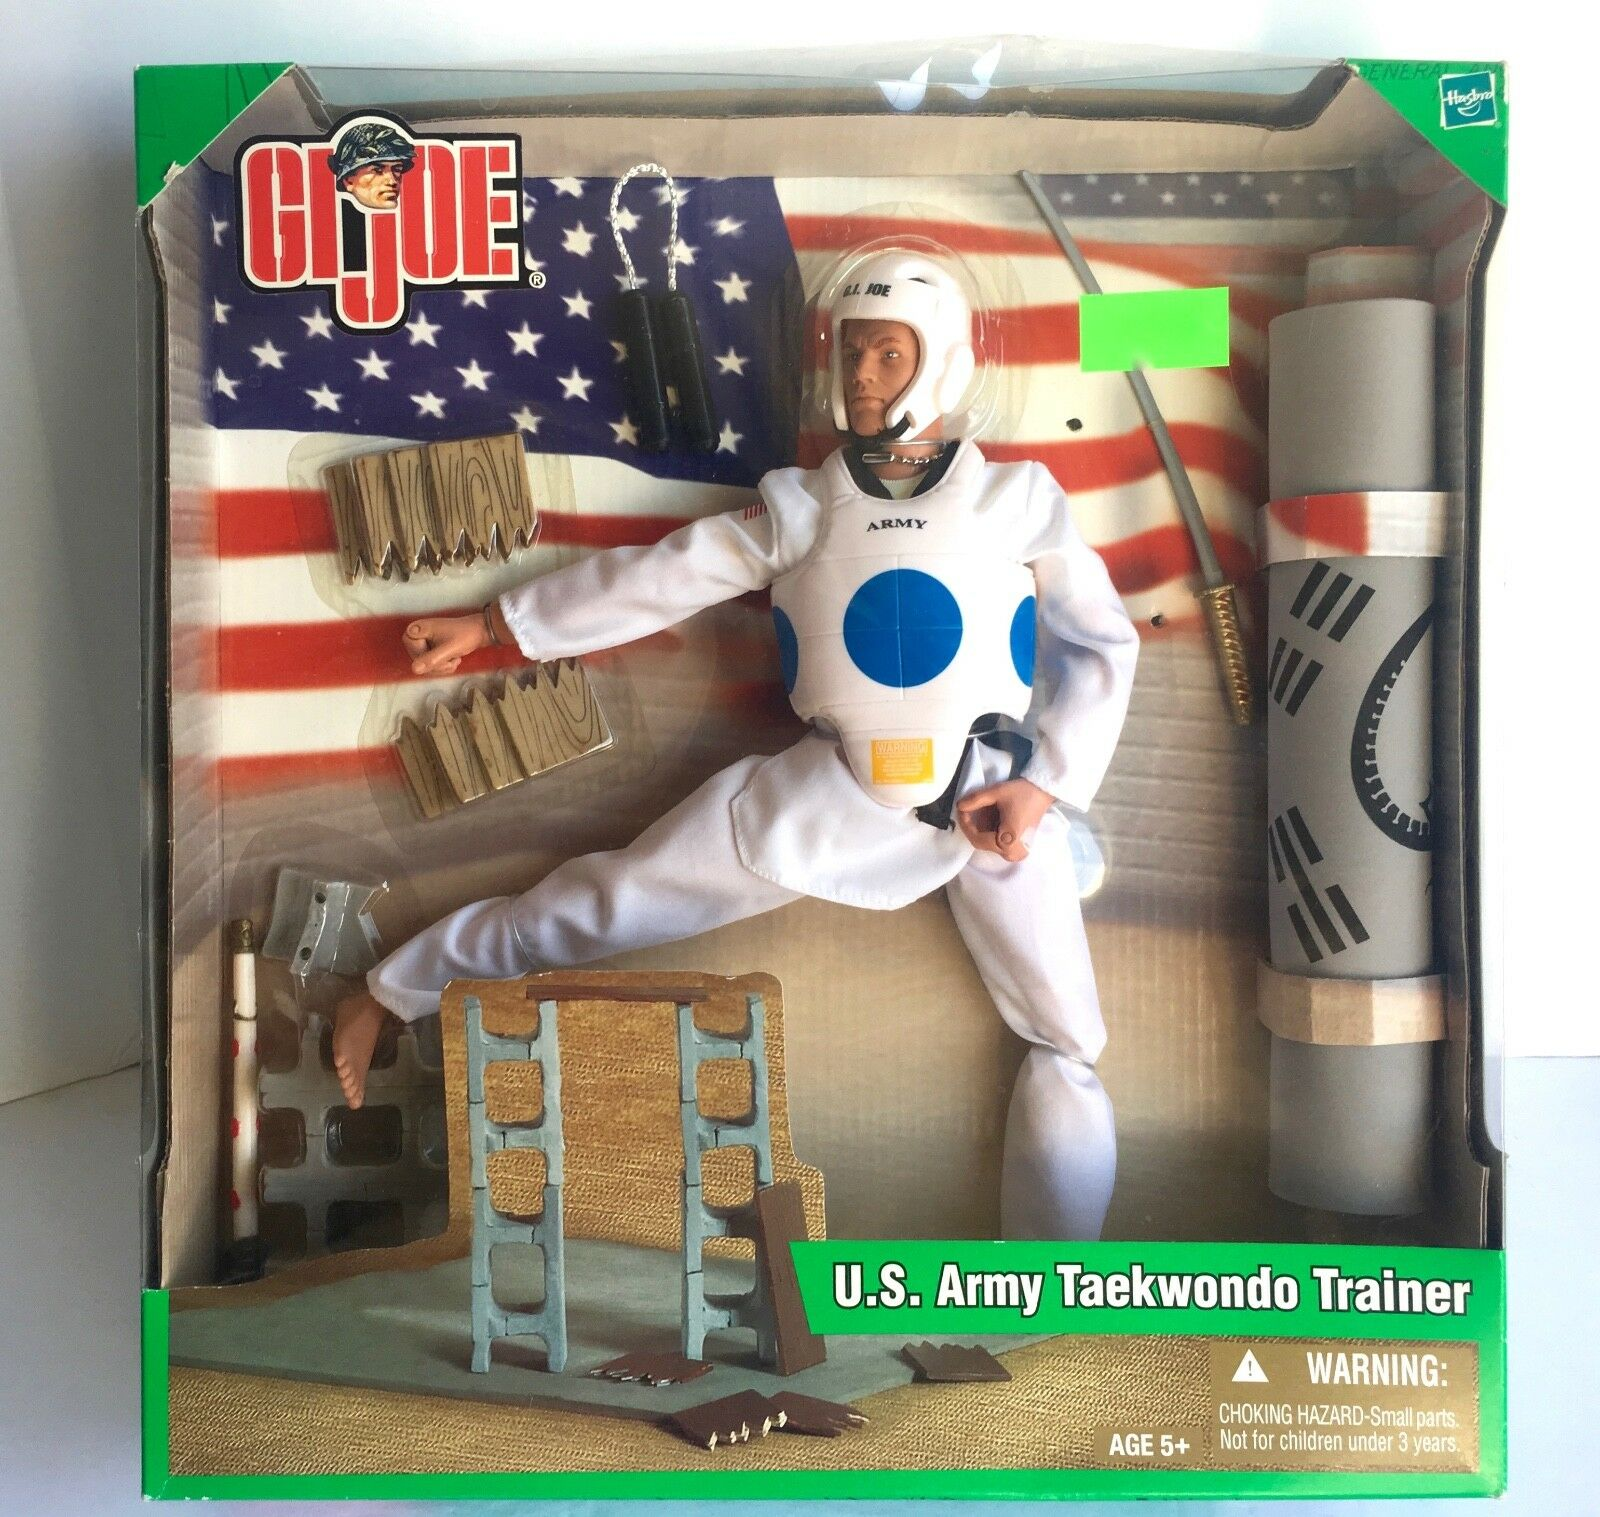 G. I. Joe U. S. Ejército entrenador de taekwondo GJ-4